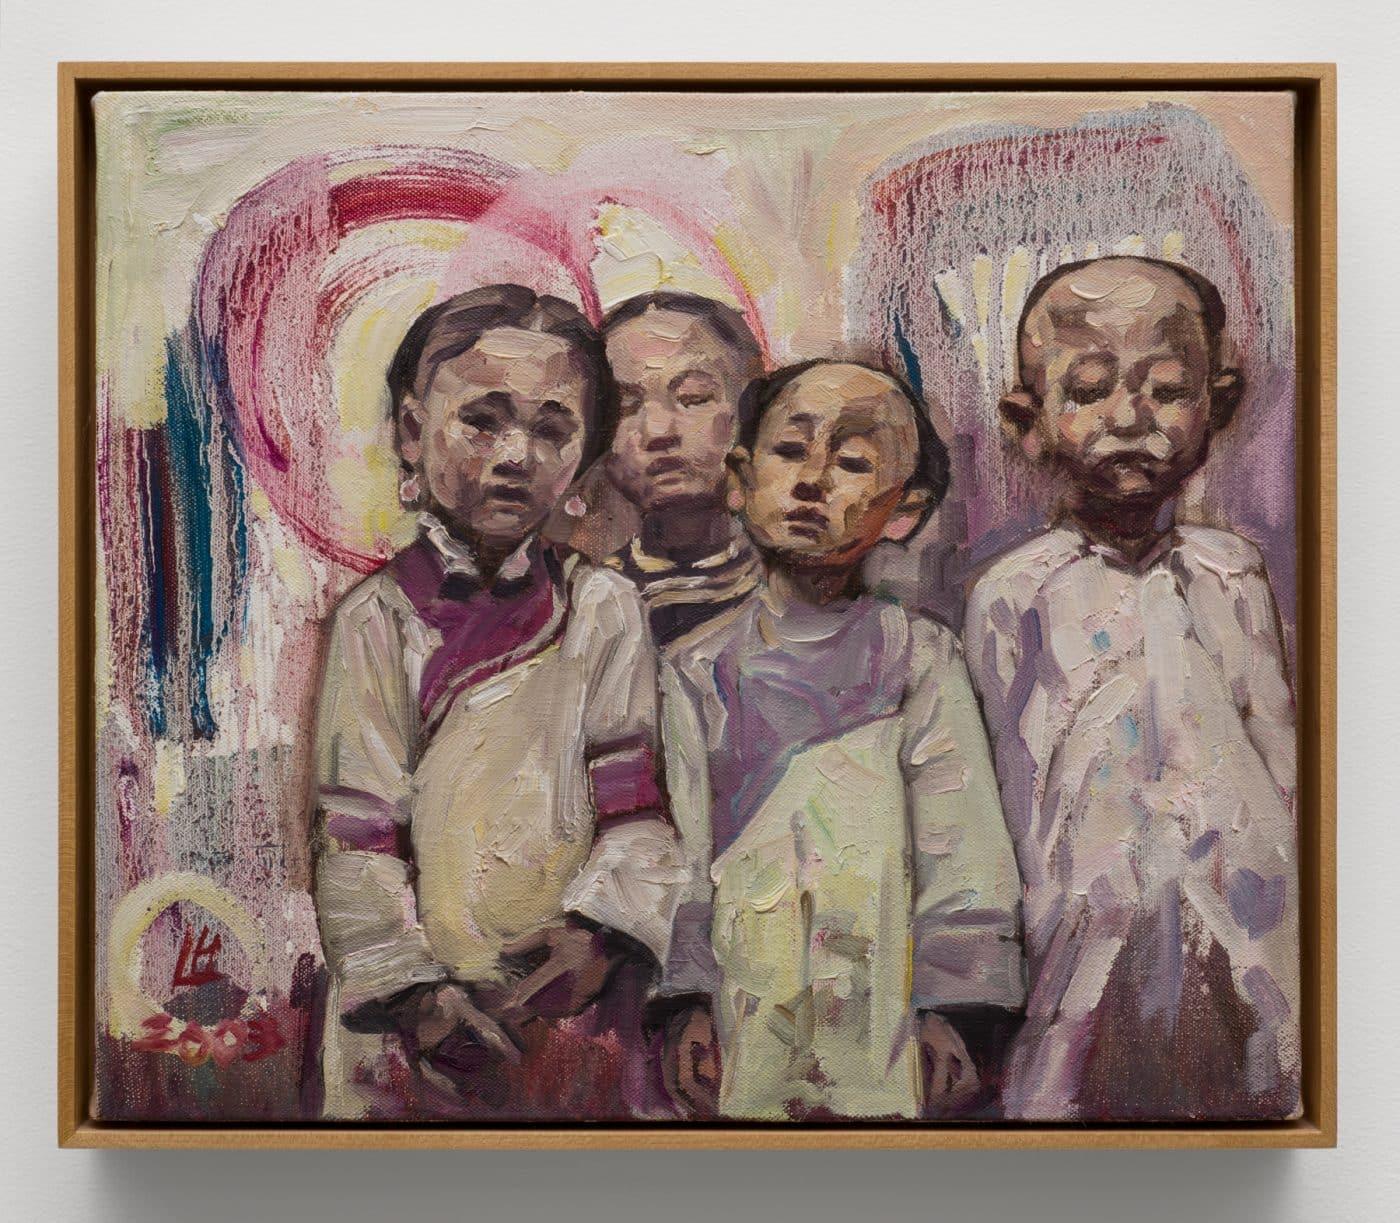 Mission Girls 20, 2003, by Hung Liu